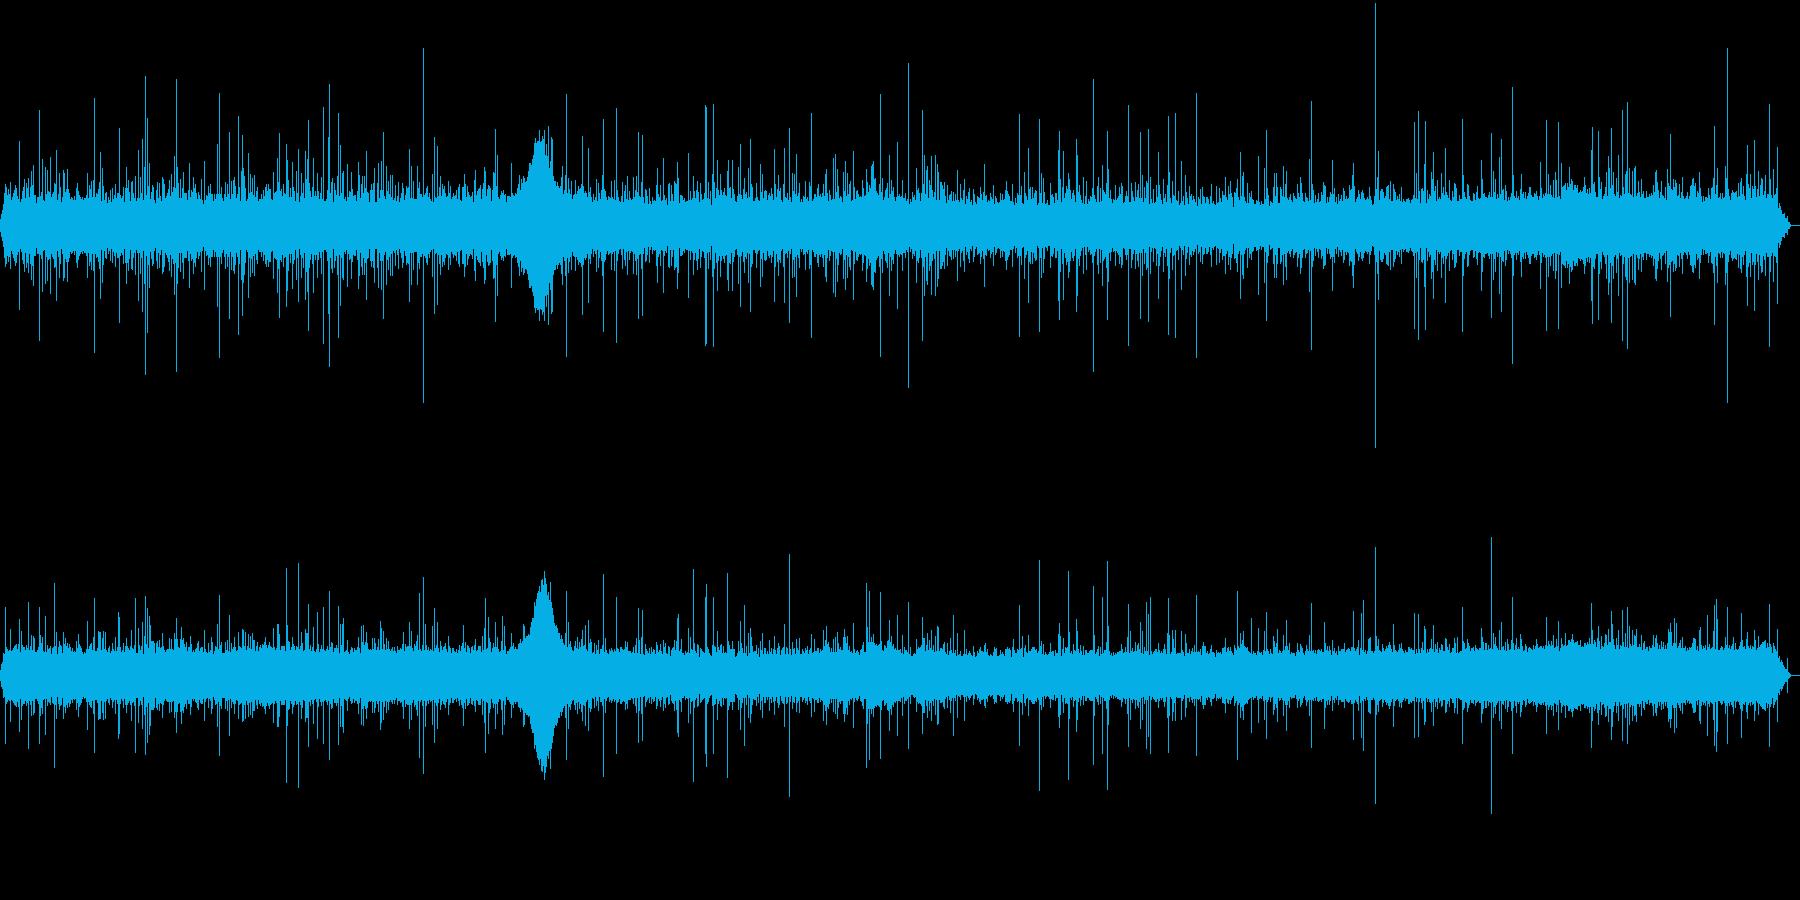 【生録音】日本 東京に降る雨の音 3の再生済みの波形